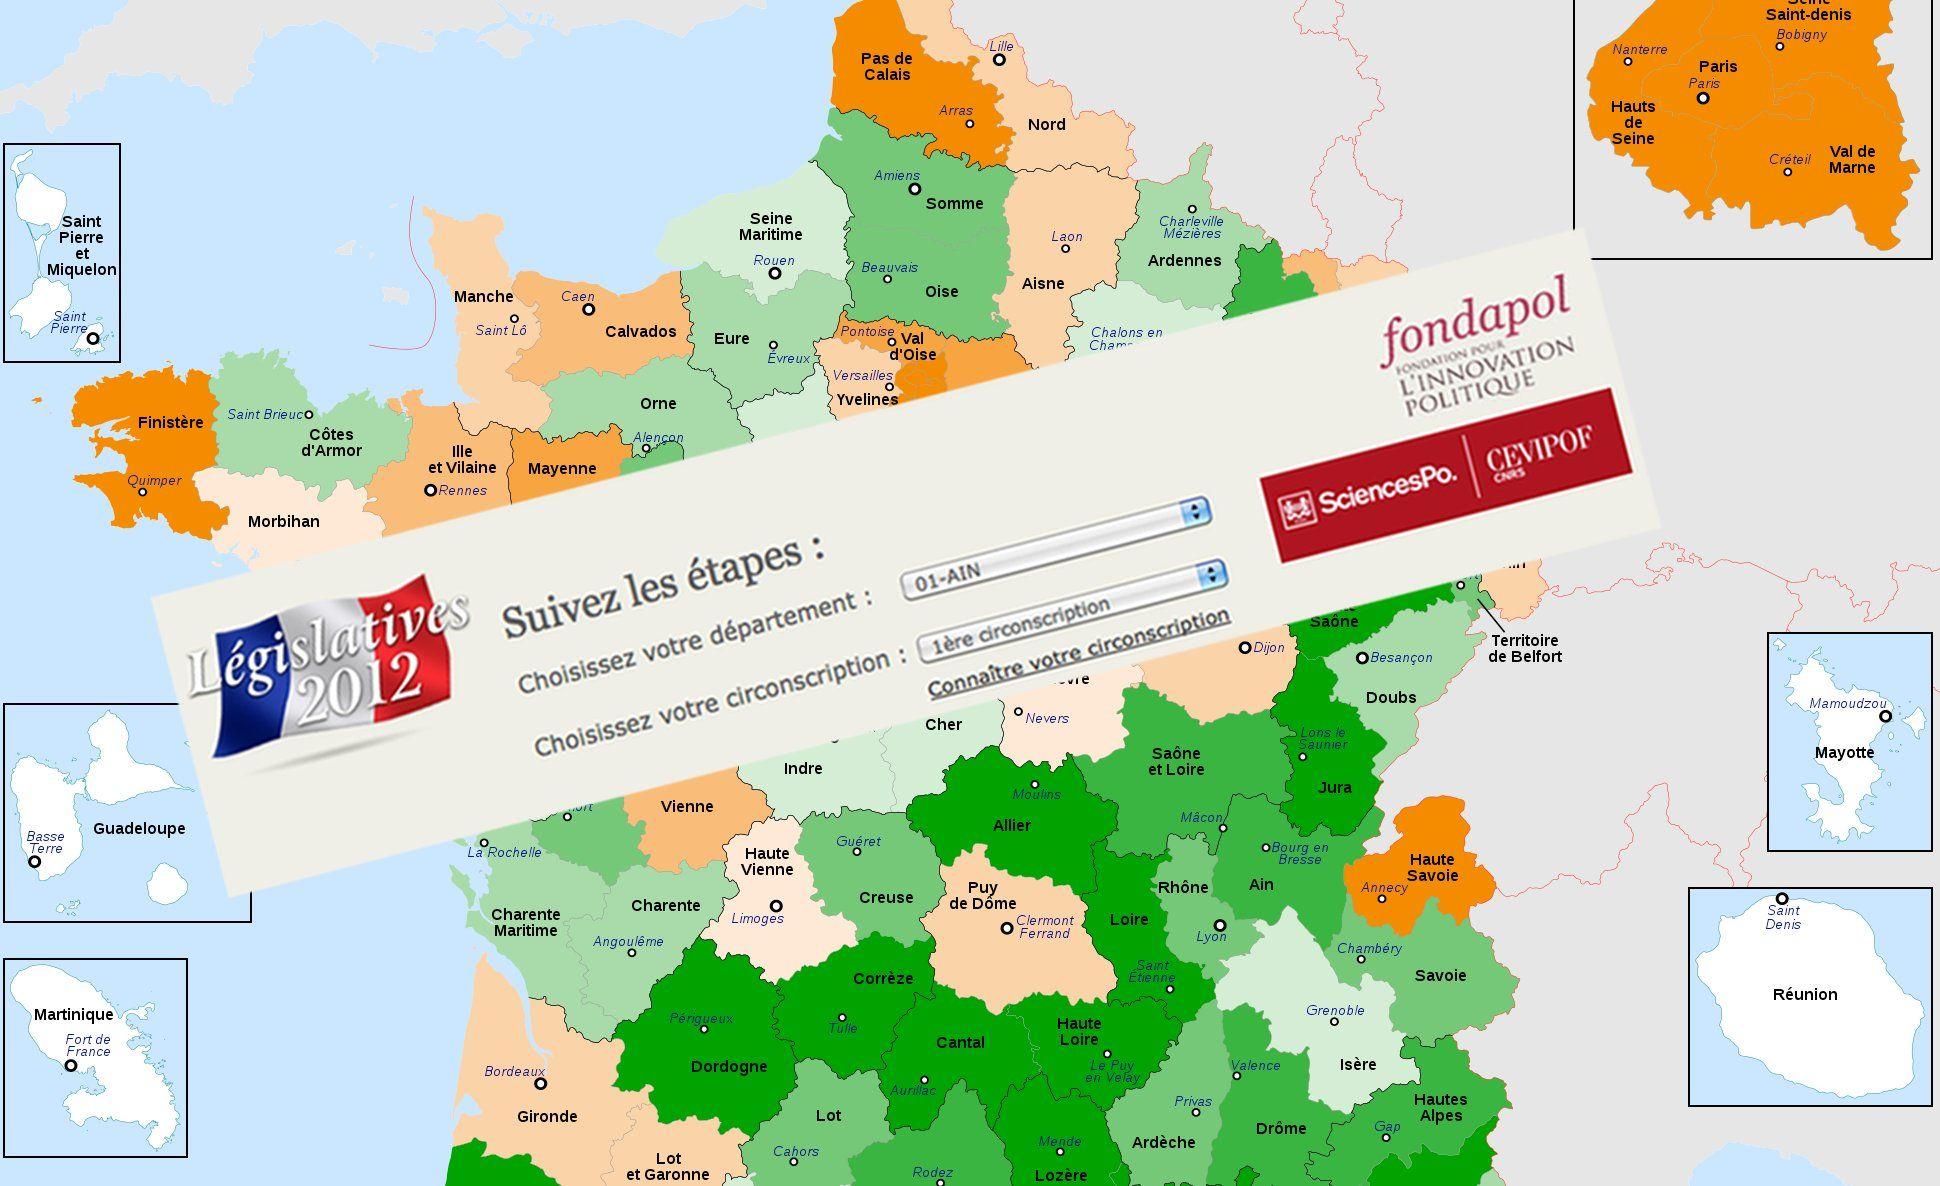 Législatives 2012 : Faites les simulations de vote dans votre circonscription pour le 2nd tour